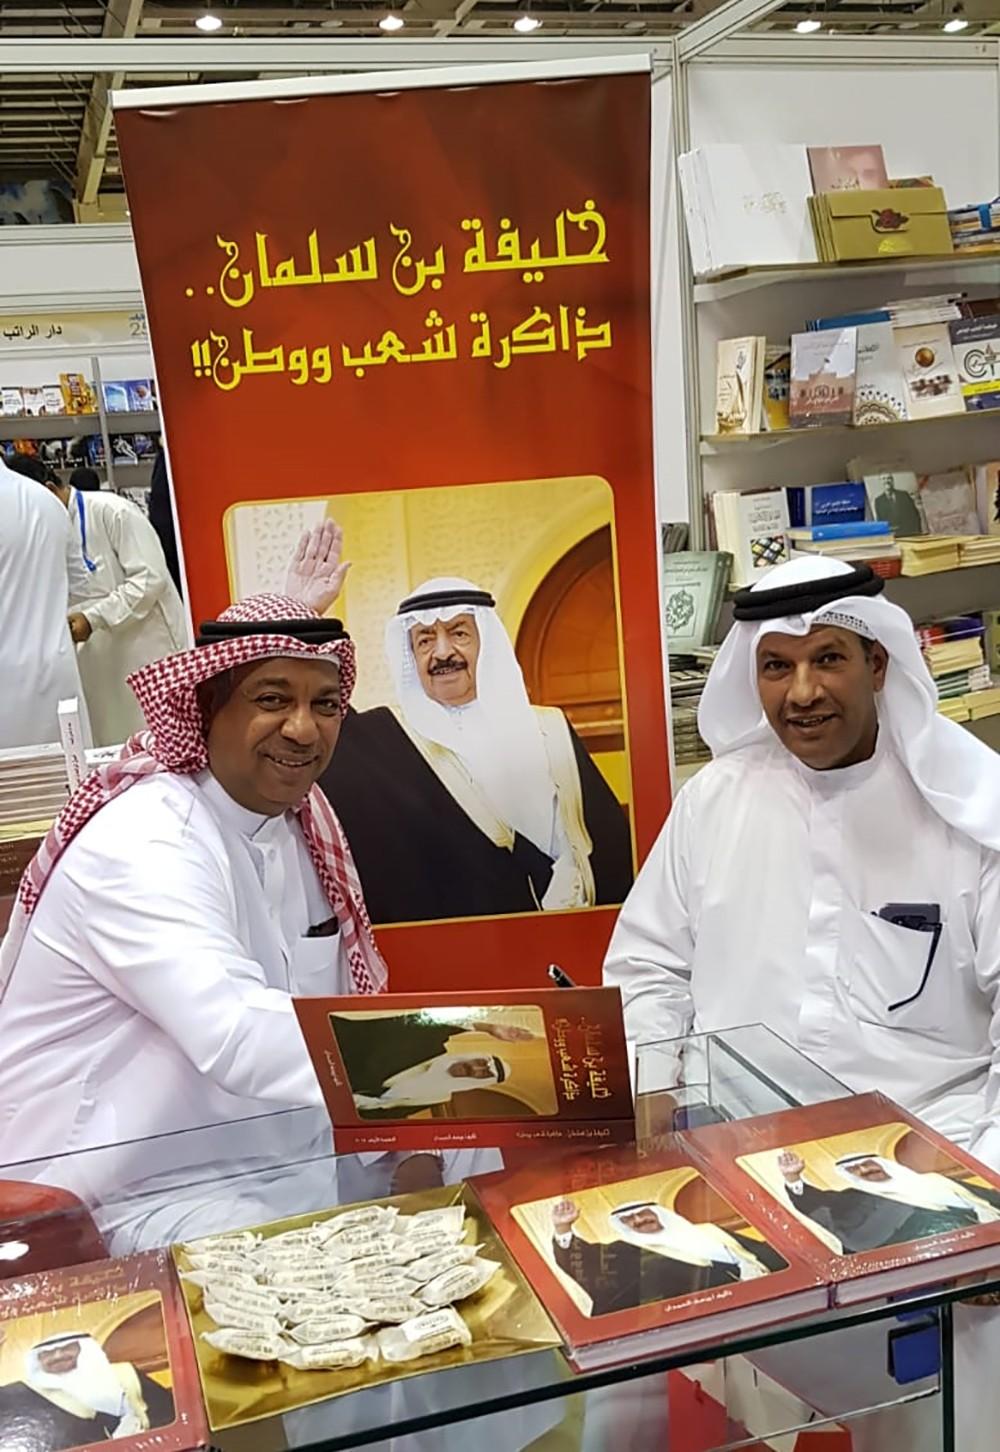 الحمدان يدشن كتابه (خليفة بن سلمان ذاكرة شعب ووطن)